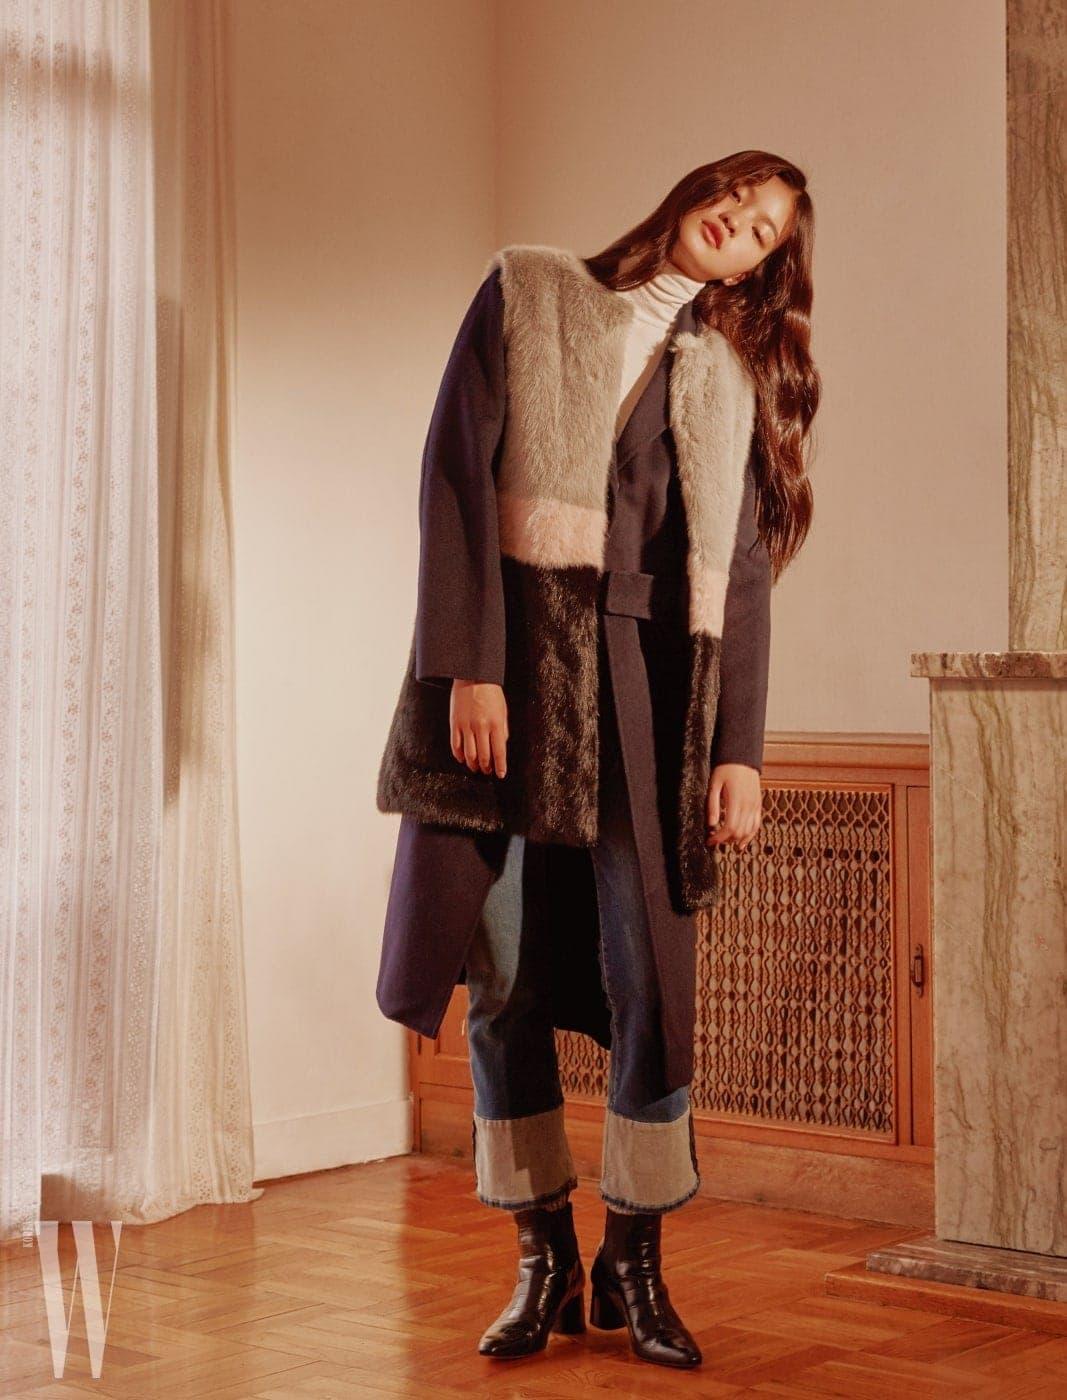 미니멀한 네이비 롱 코트와 컬러 배색이 돋보이는 페이크 퍼 베스트는 BLUEFIT, 부츠 컷의 롤업 진은 FRAME by BLUEFIT 제품.